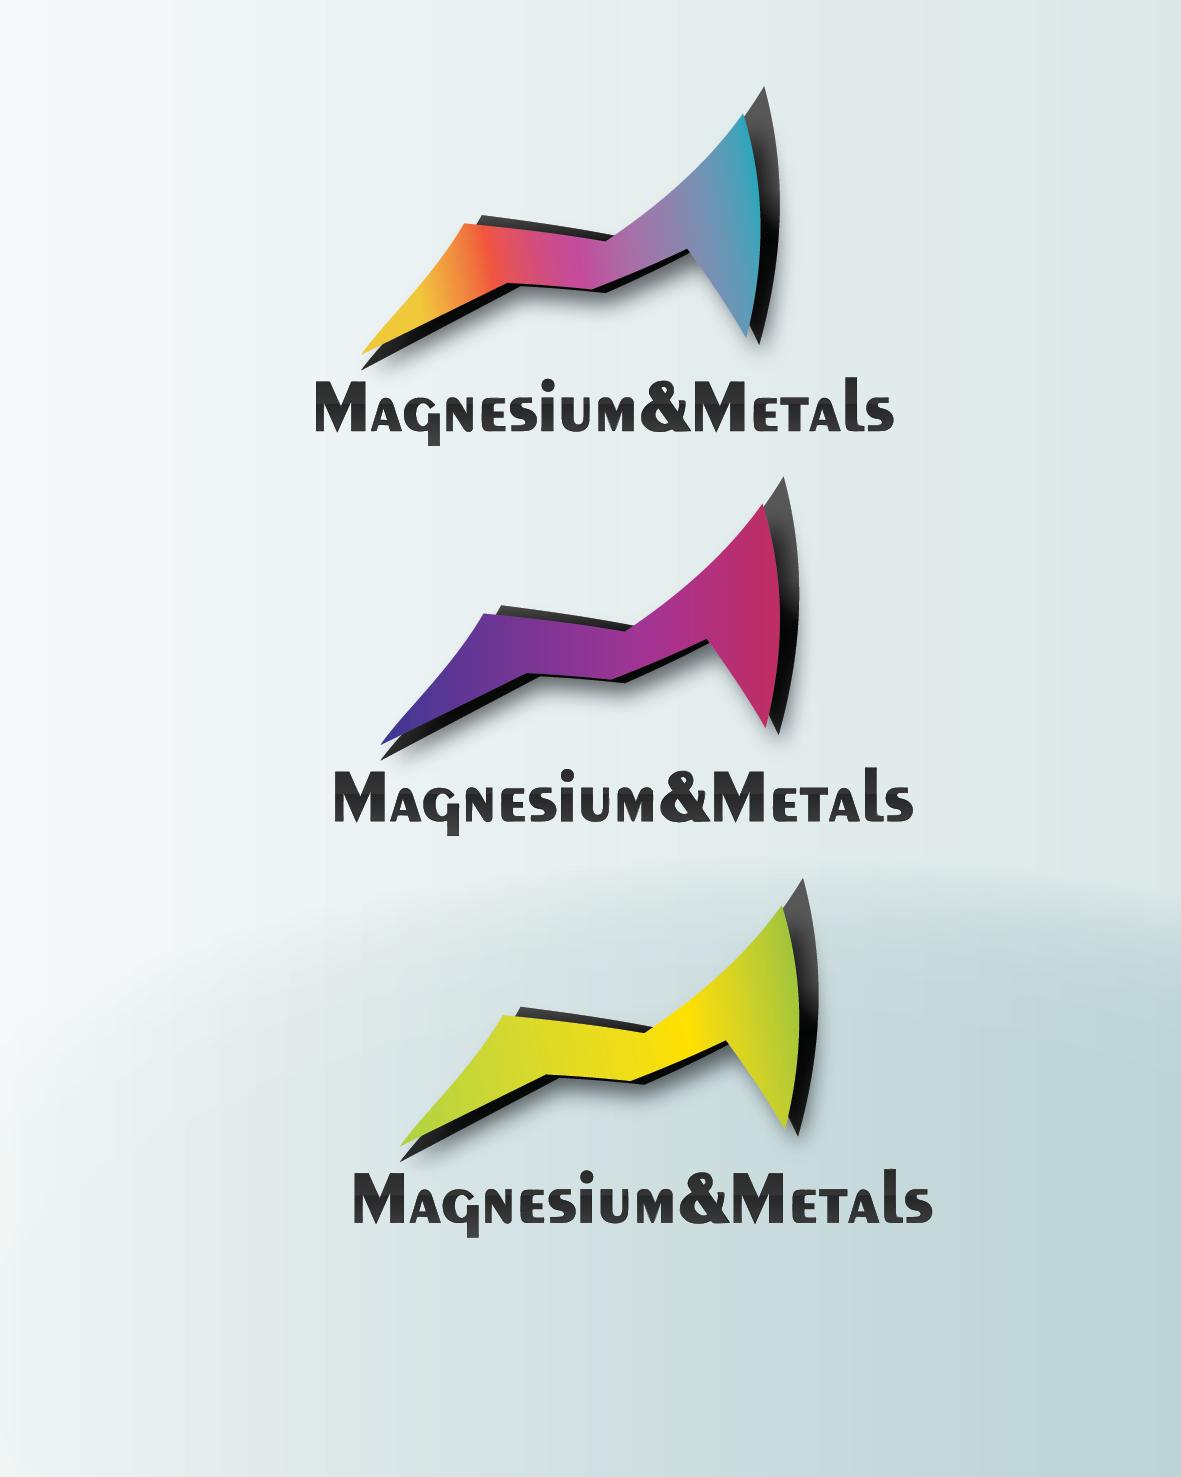 Логотип для проекта Magnesium&Metals фото f_4e7b209bcc6e8.png